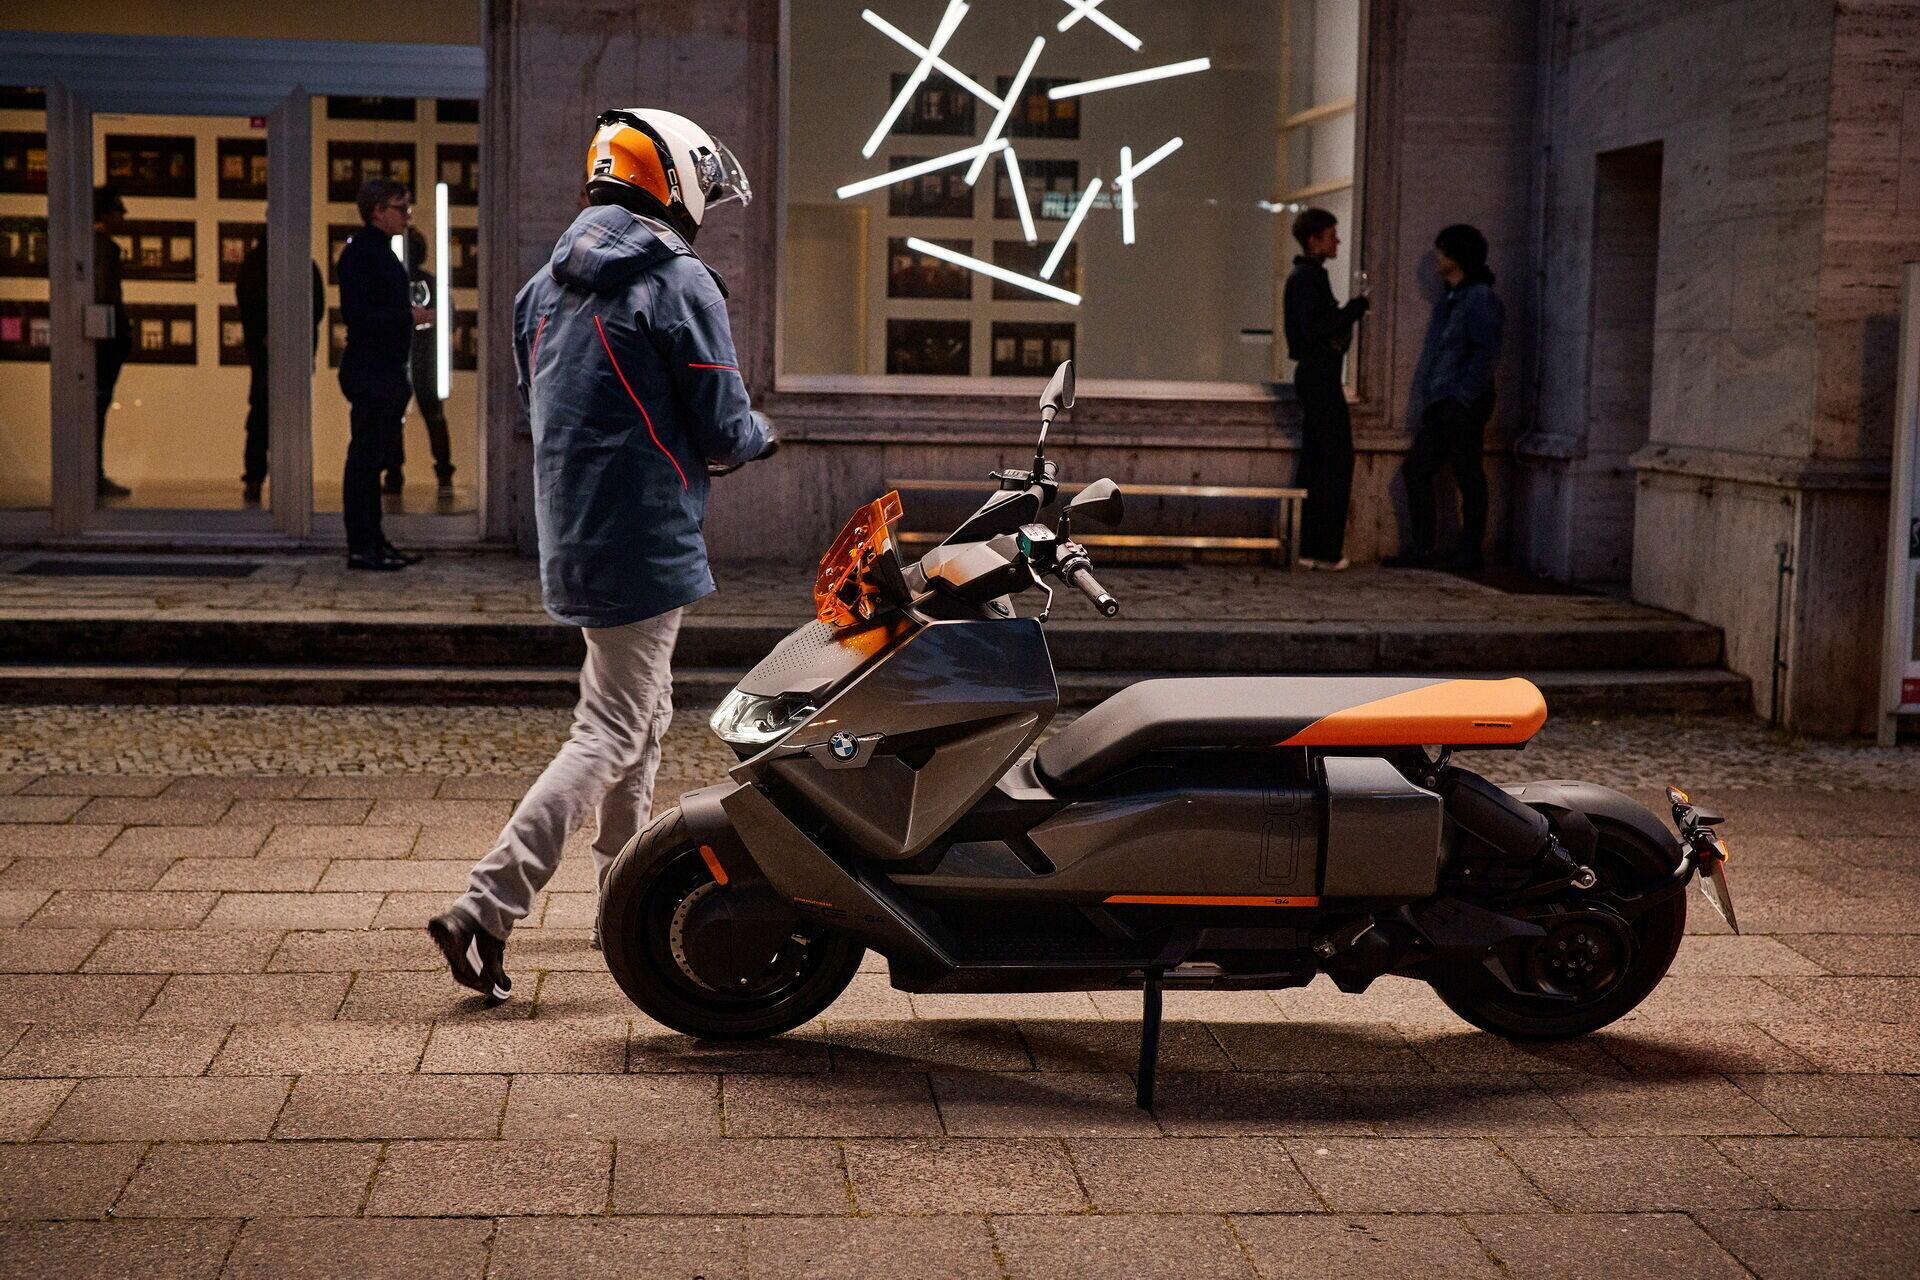 Скутер має 15-дюймові легкосплавні колісні диски і колісну базу один тисяча шістсот сімдесят шість мм